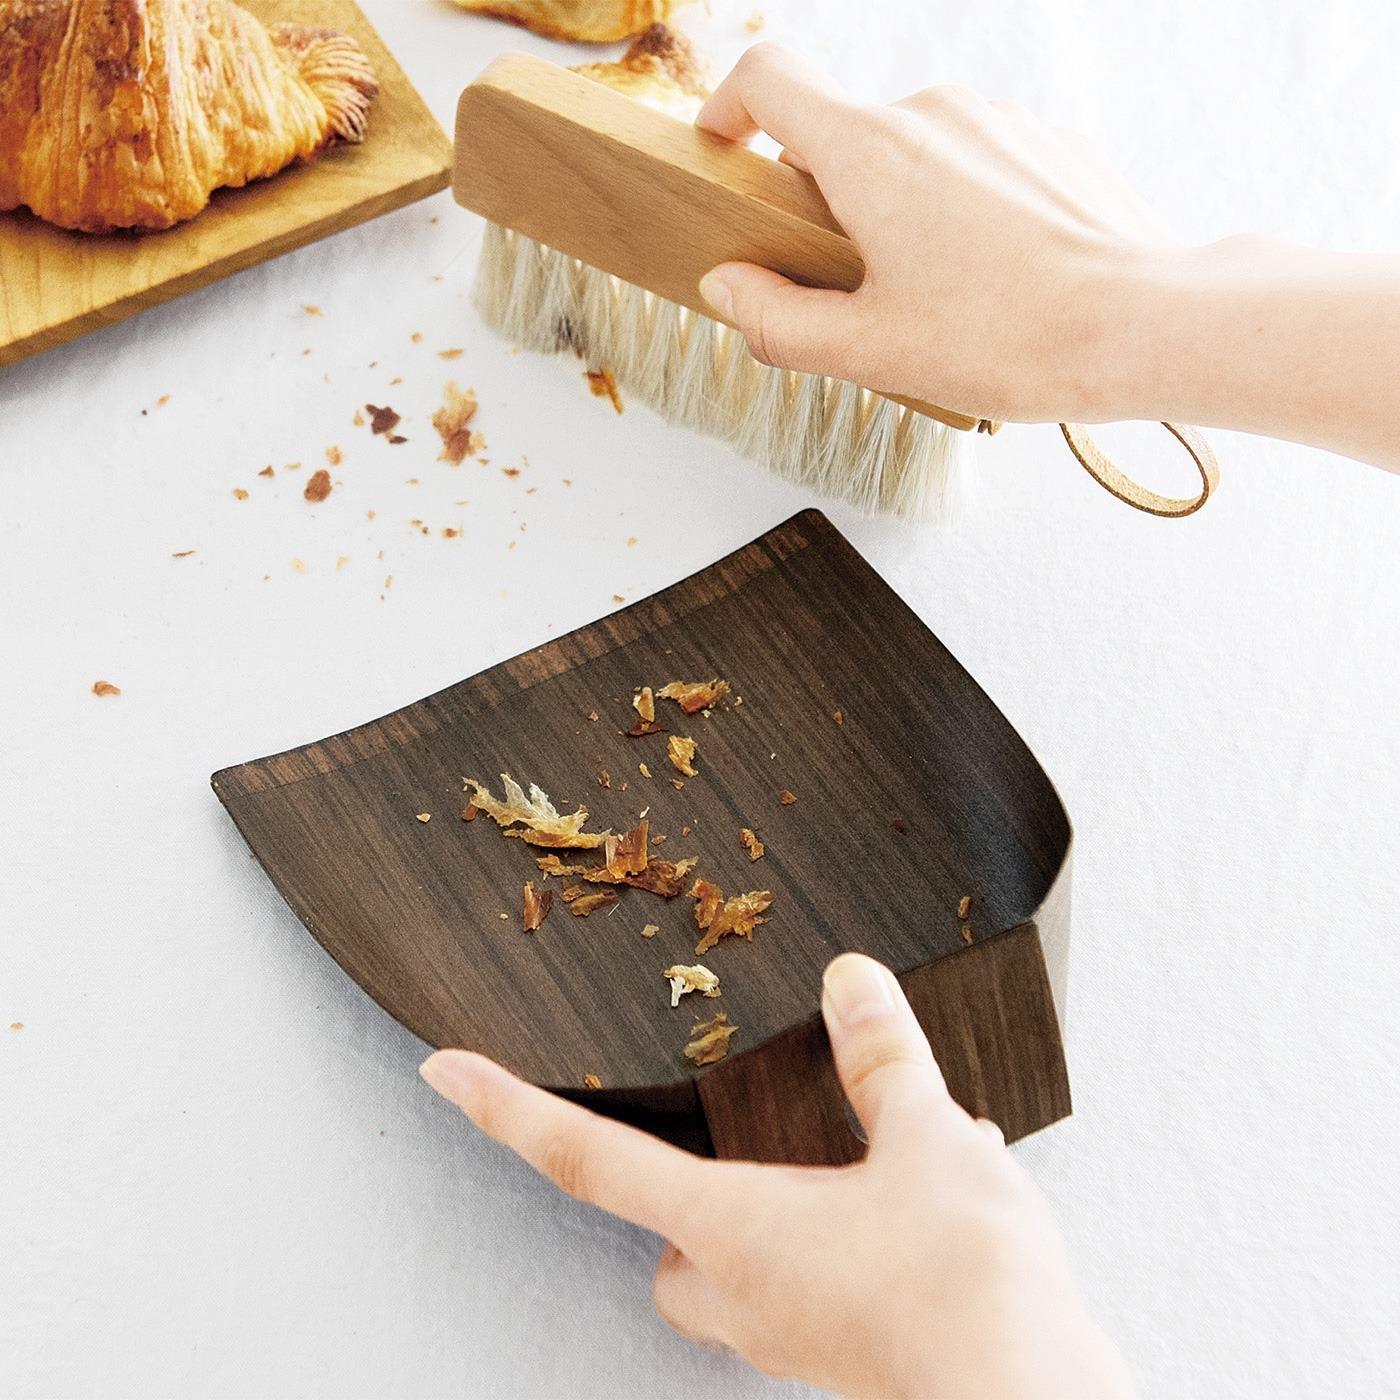 1/d Table brush set 卓上用ほうきちりとりセット